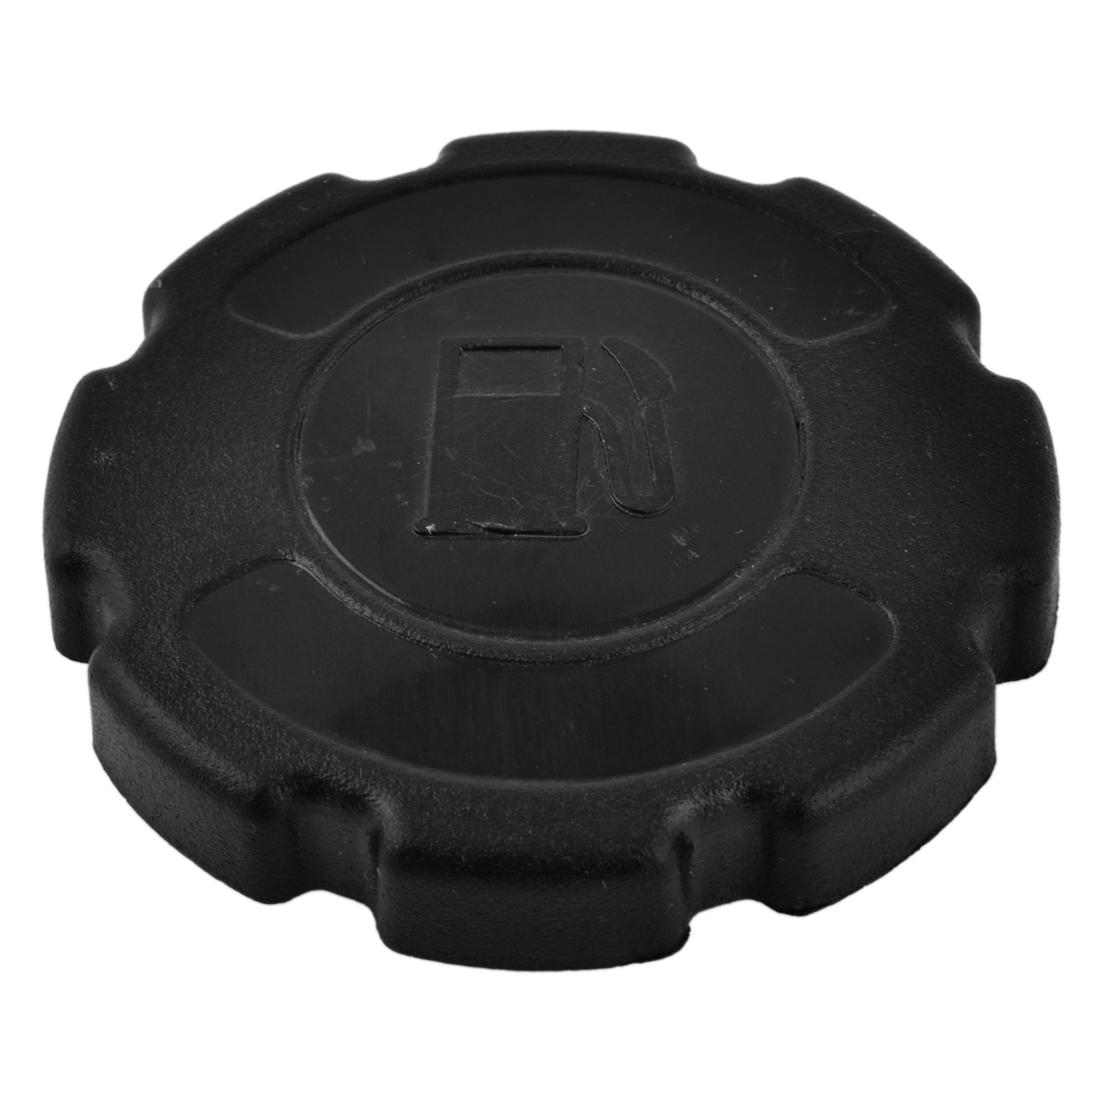 Spare Part Plastic Black Round Engine Motor Fuel Tank Gas Cap Cover